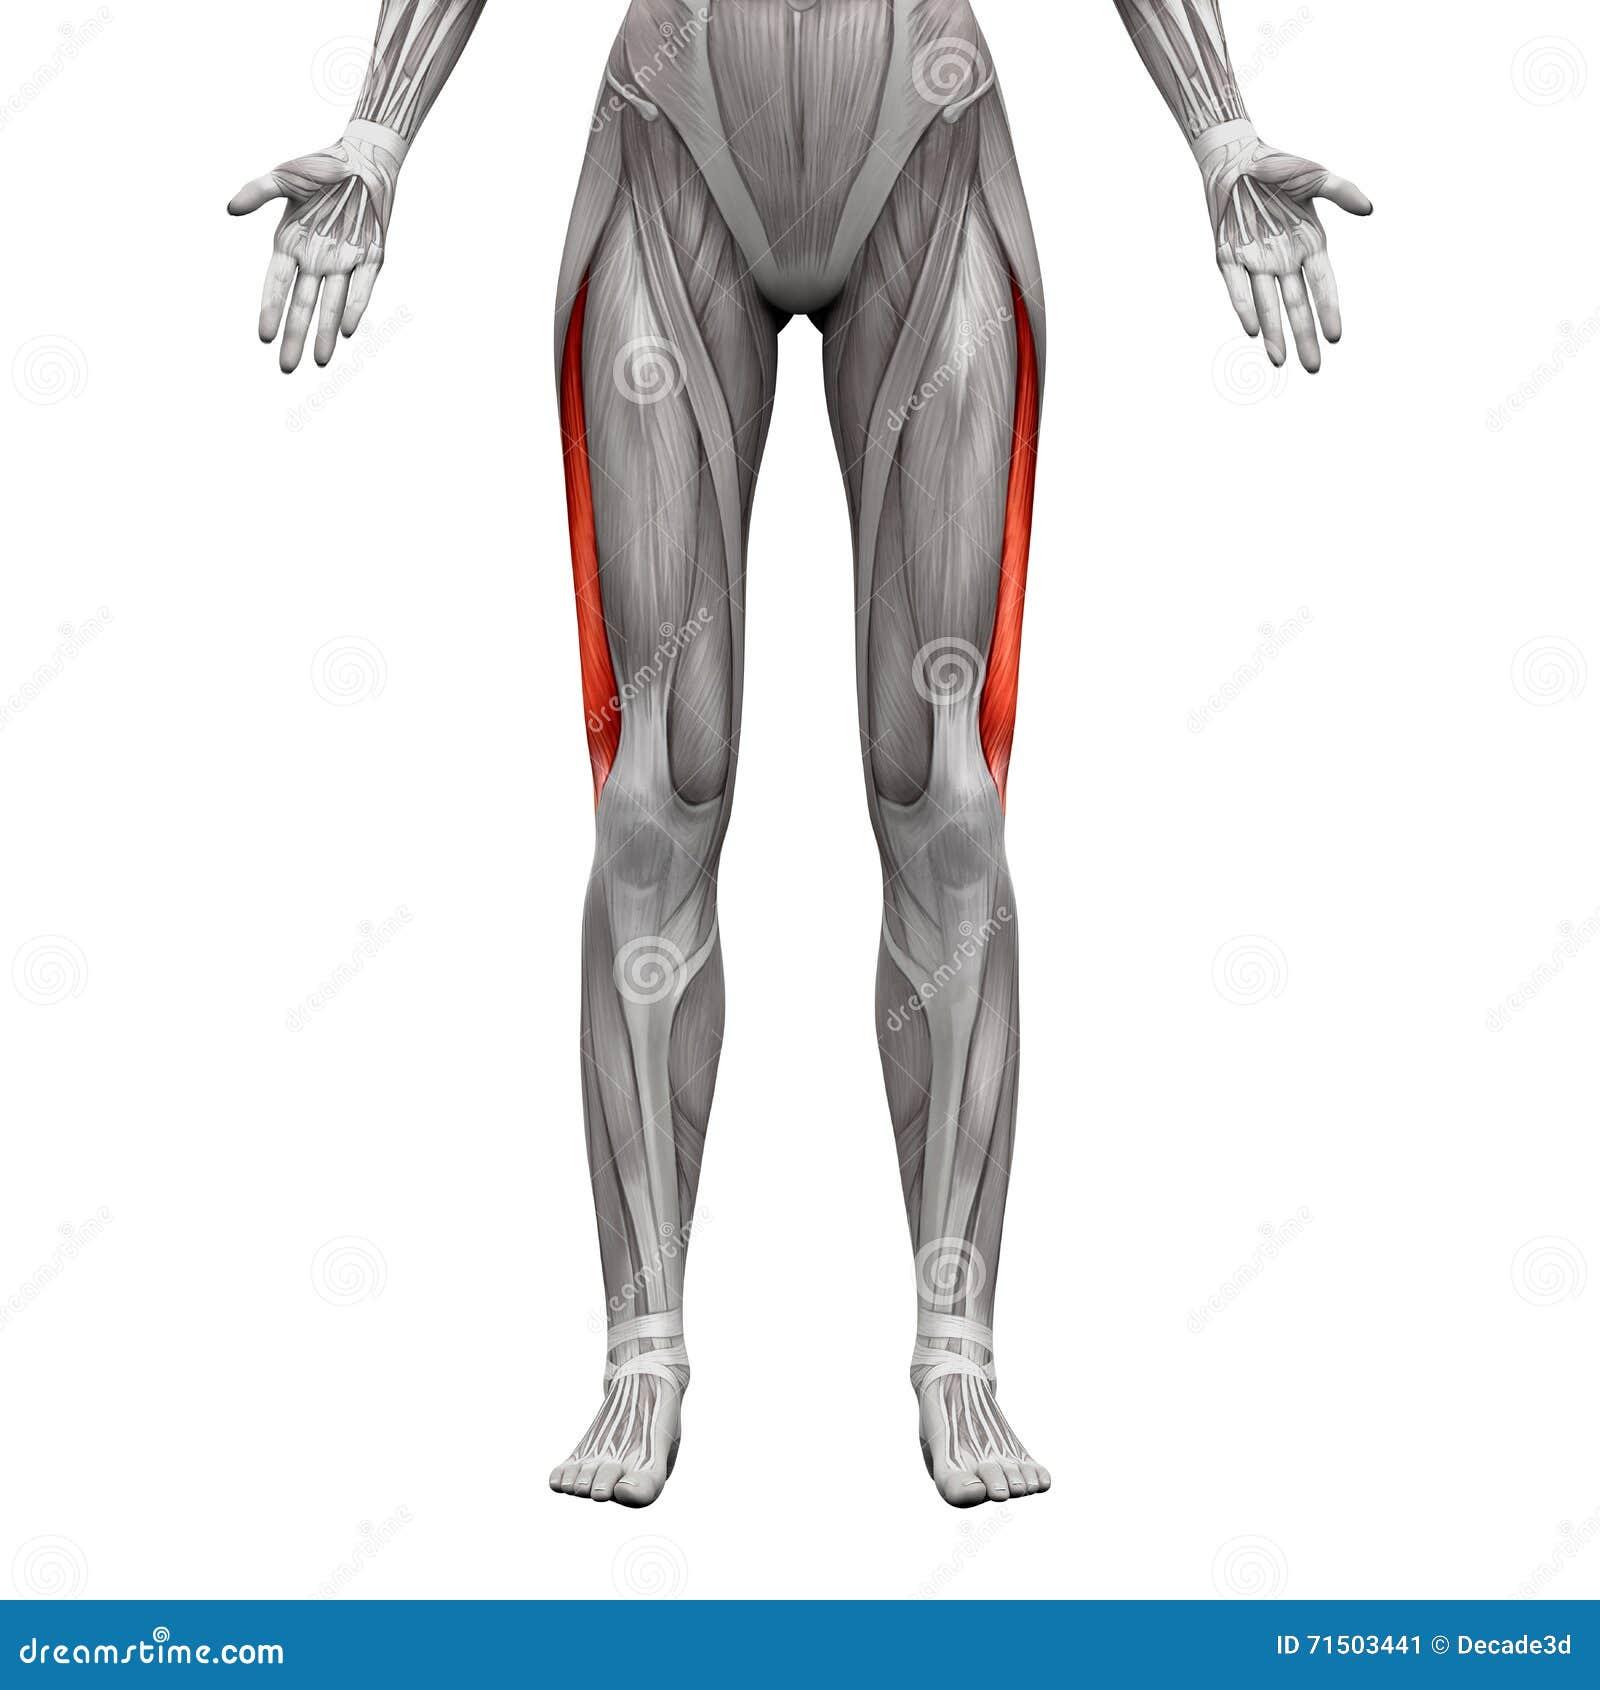 Vastus Lateralis muskel - anatomimuskler som isoleras på vit - 3D